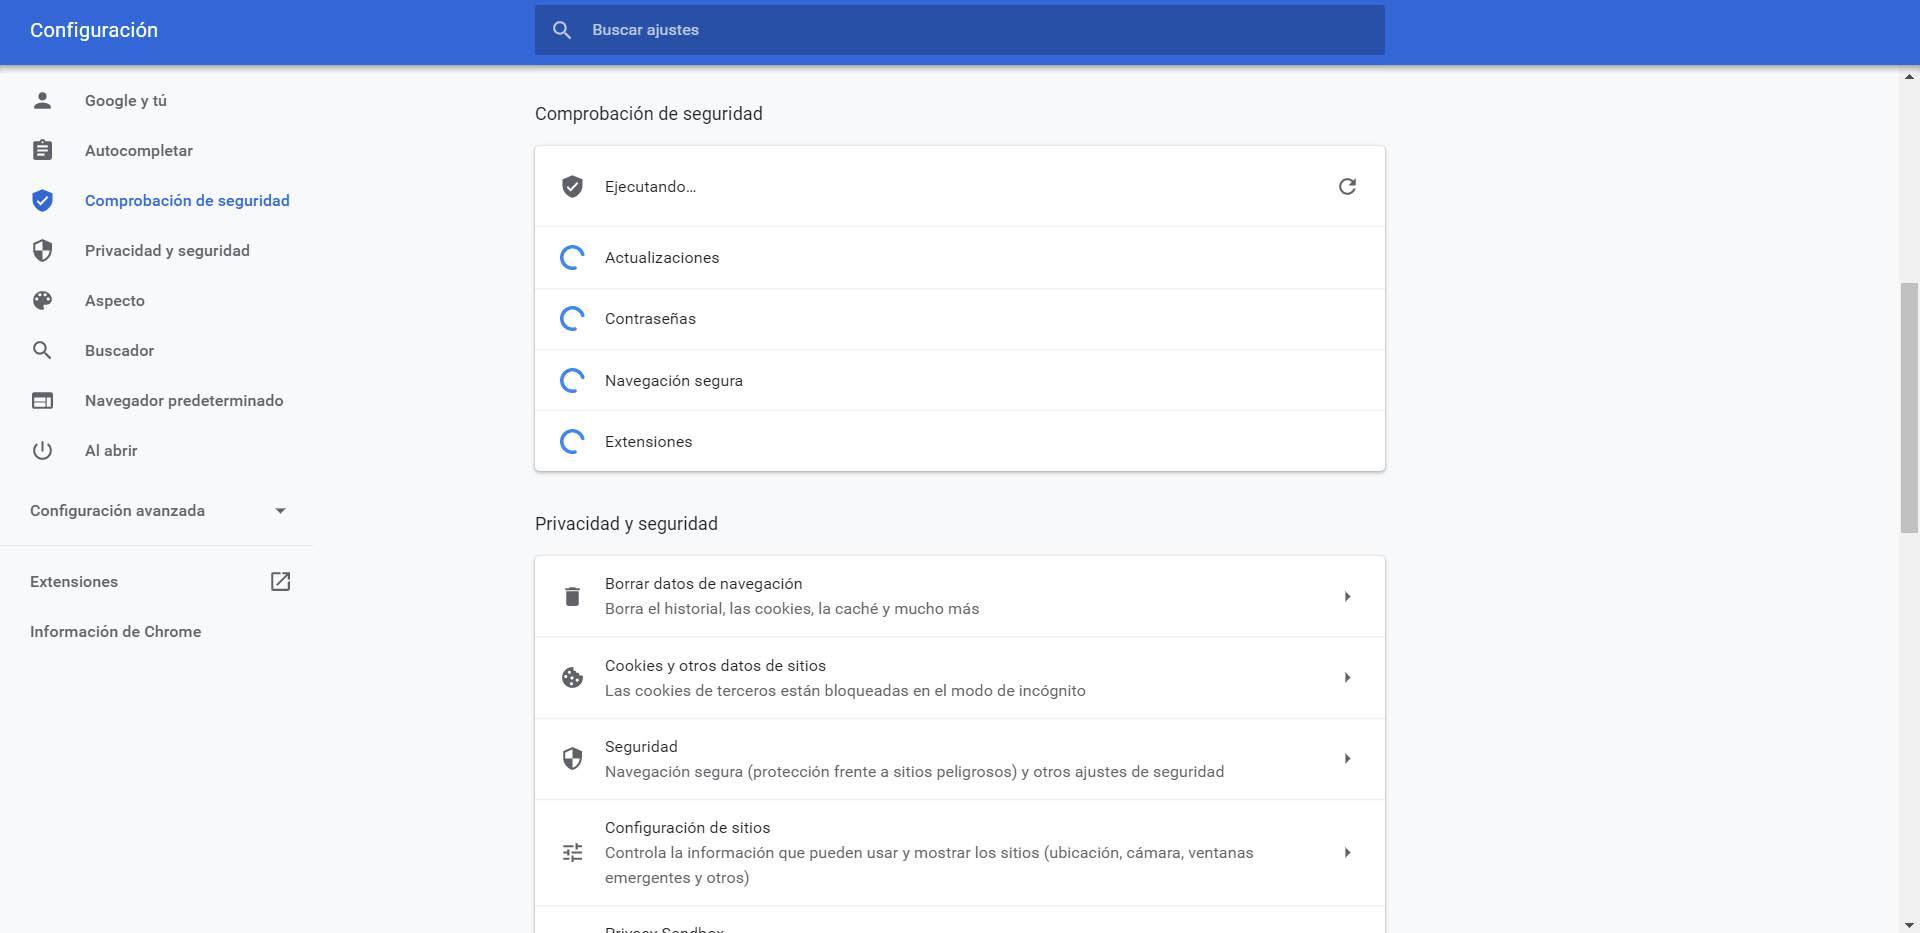 Proceso para verificar la seguridad en Chrome